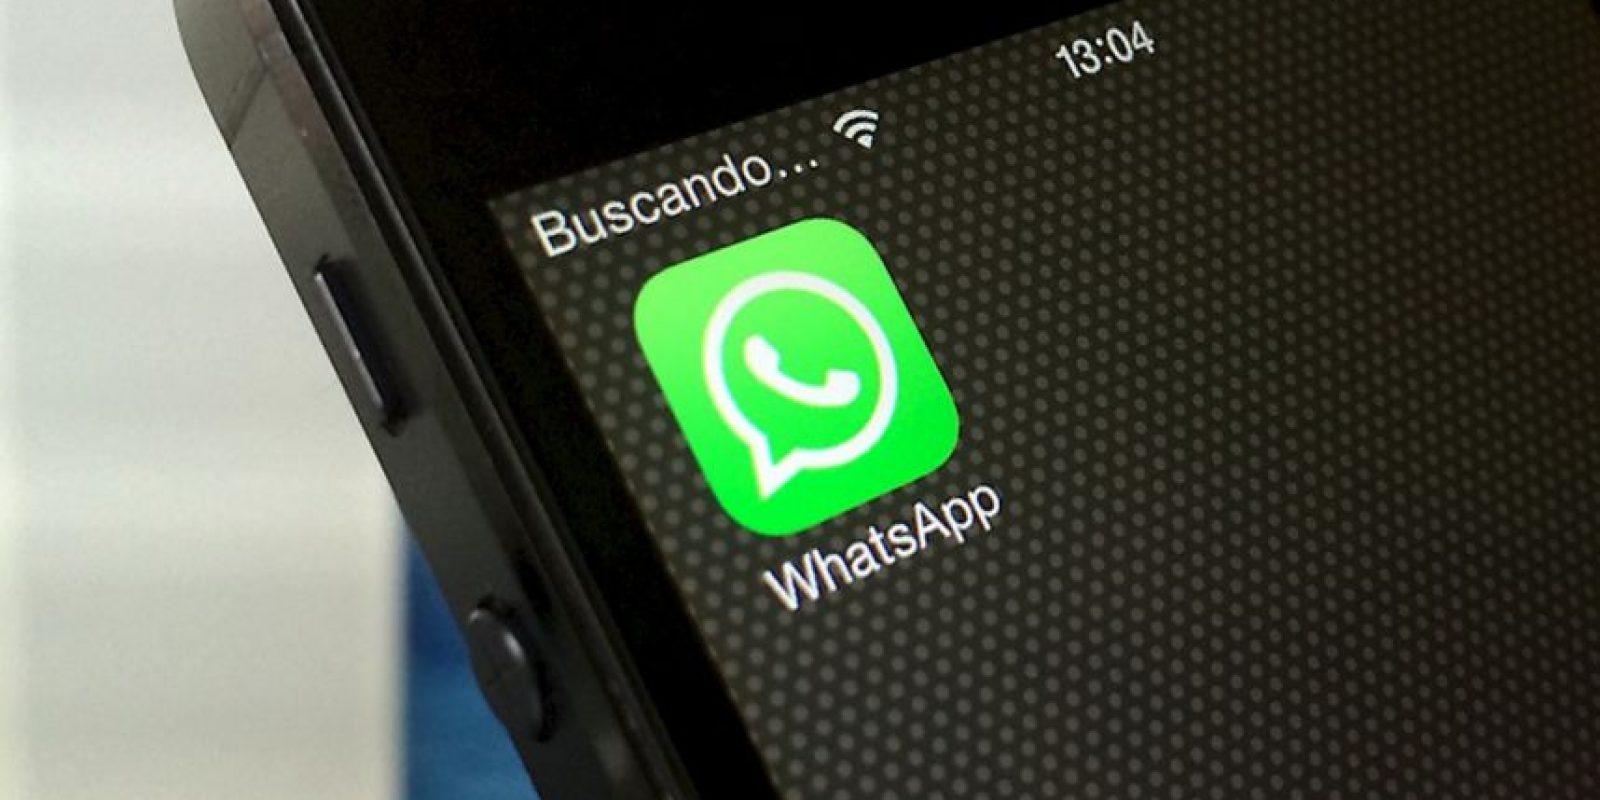 Un millón de usuarios, los que se aproximadamente se registran en la app cada semana. Foto:Vía Tumblr.com